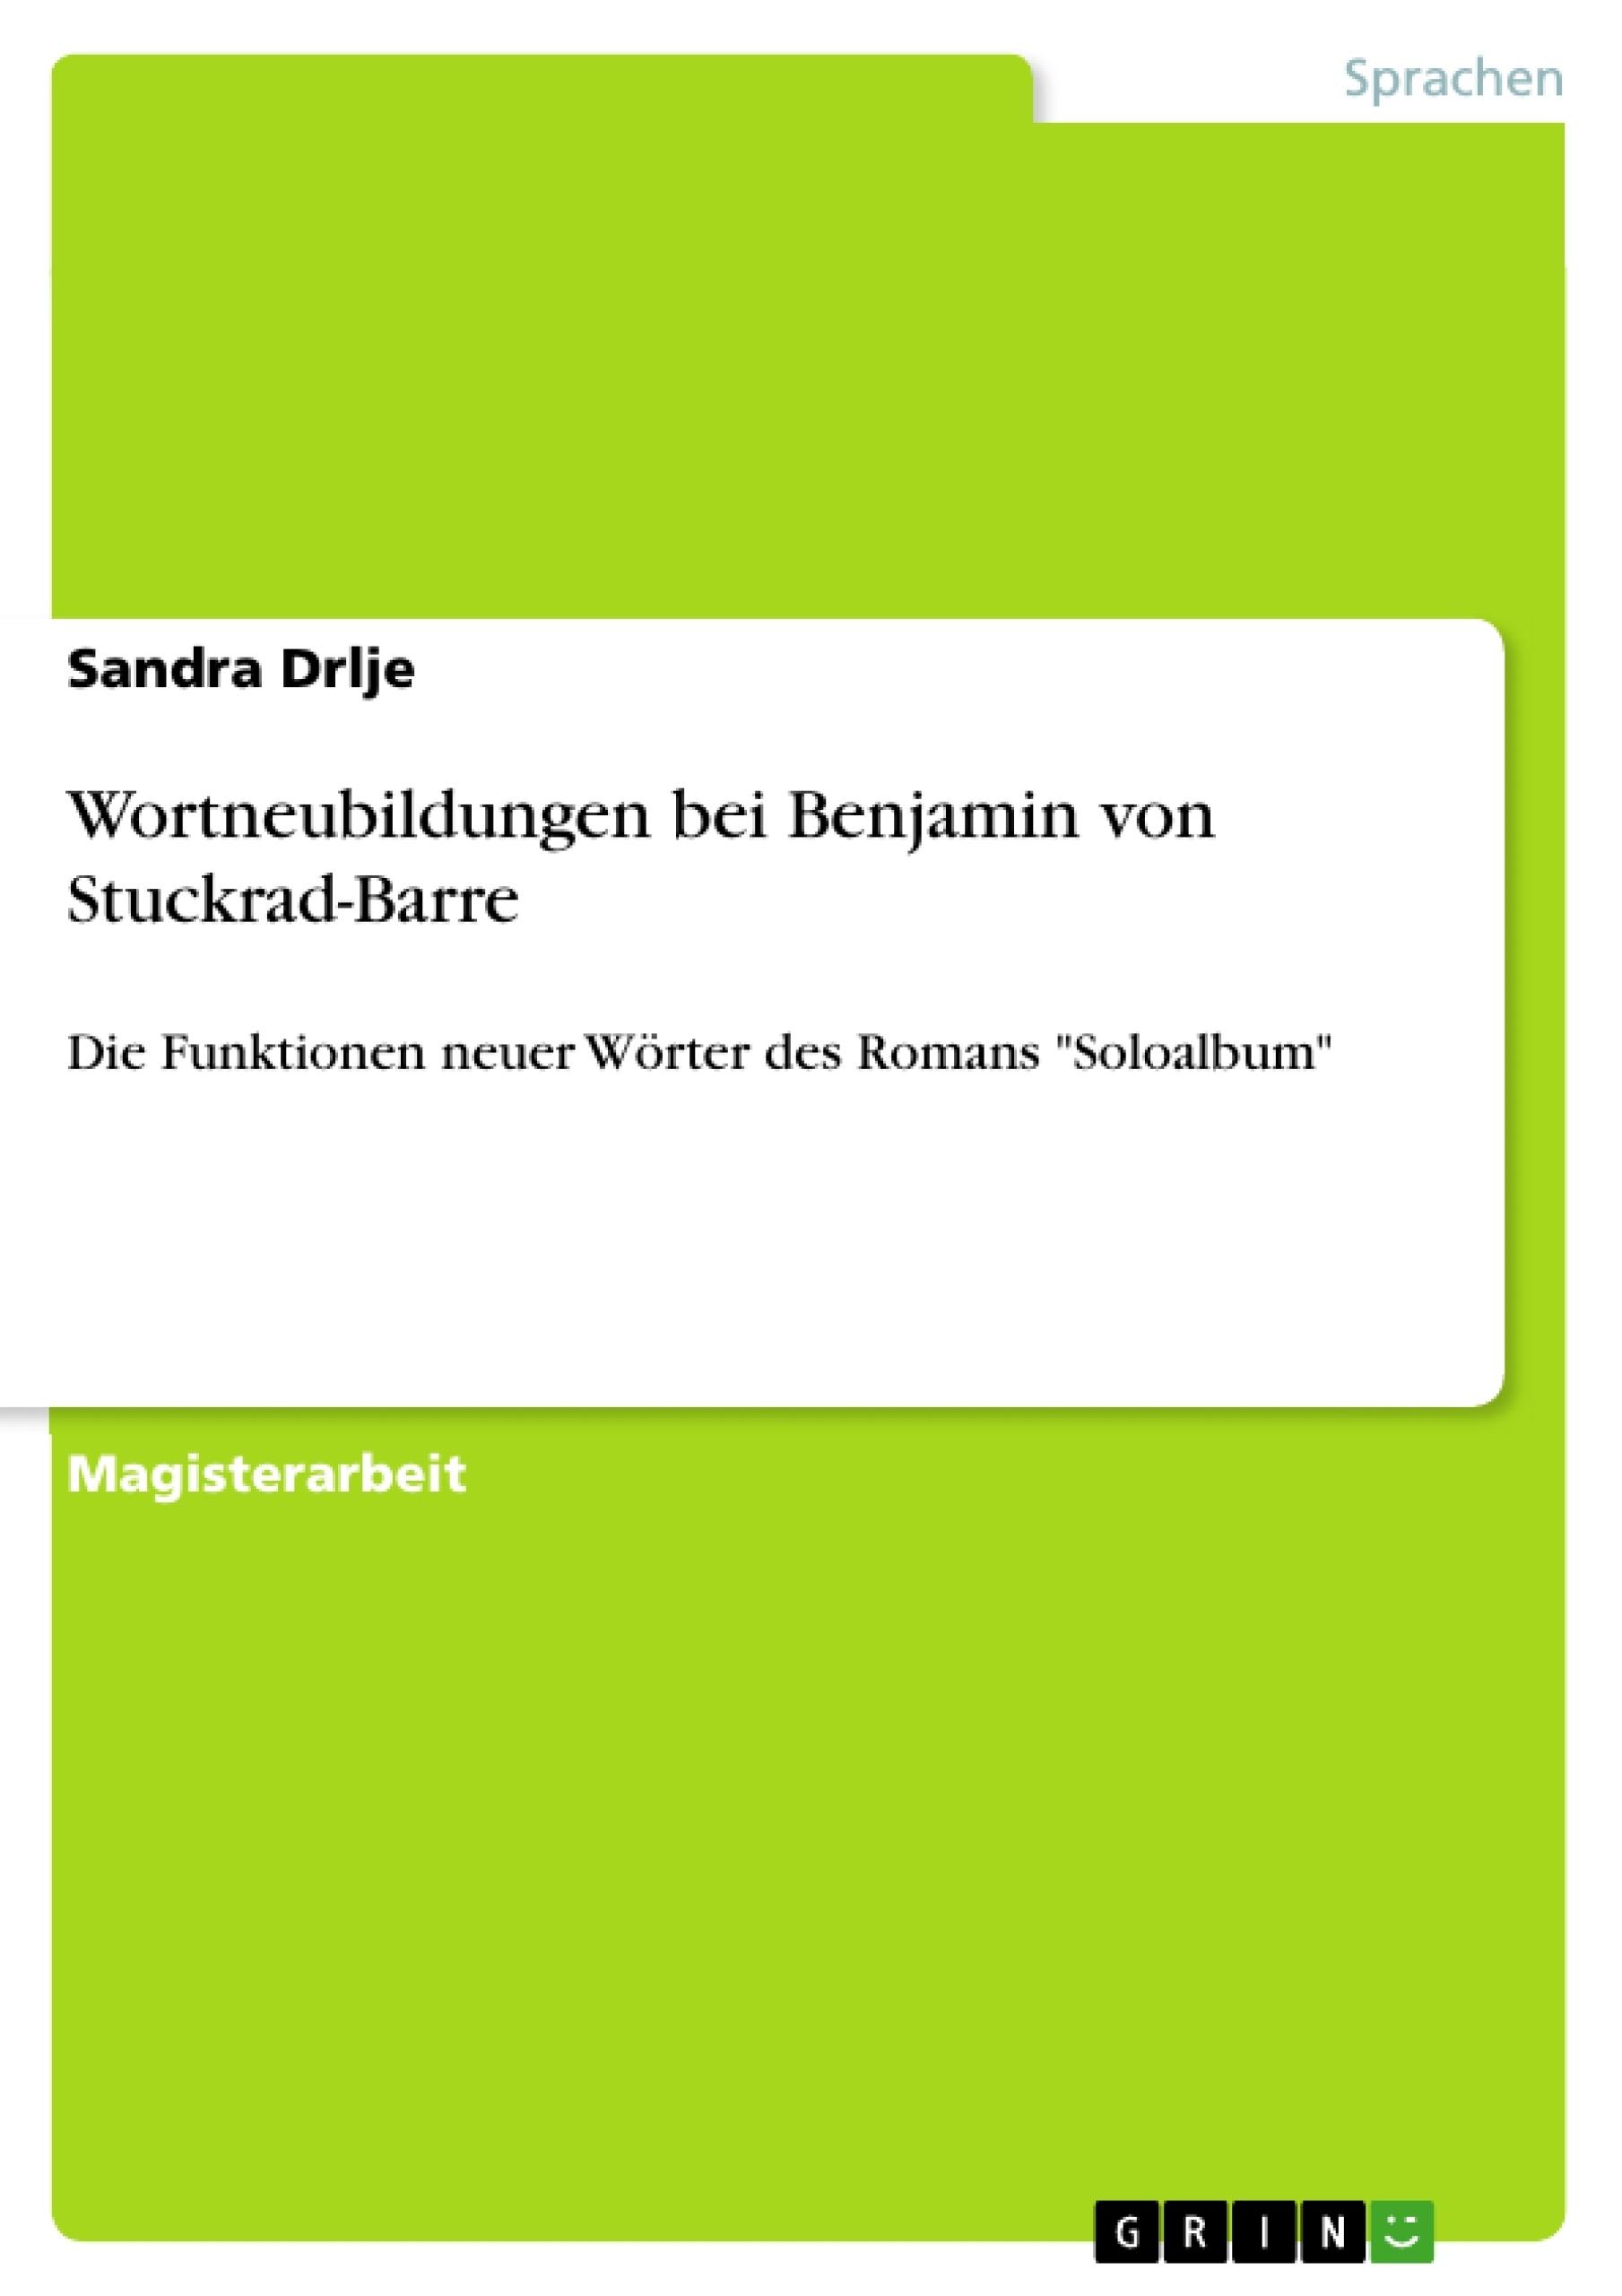 Titel: Wortneubildungen bei Benjamin von Stuckrad-Barre